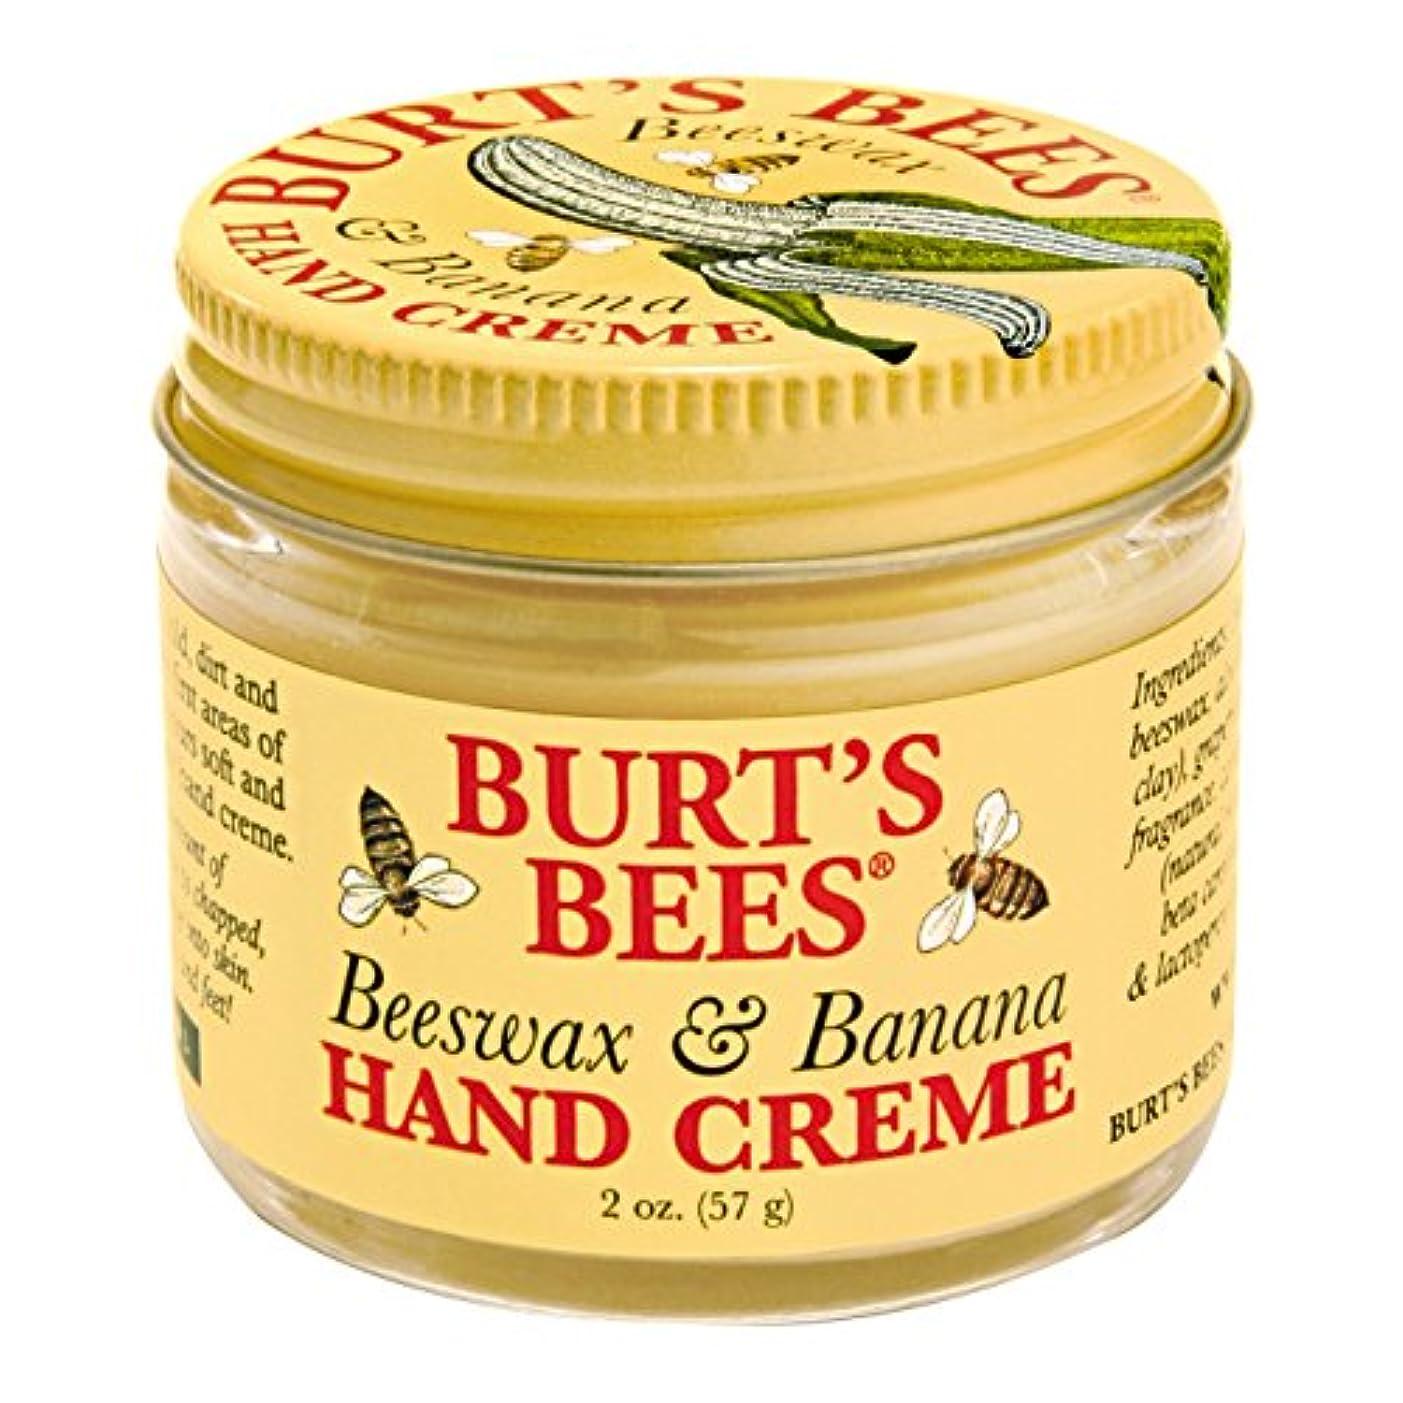 絞る毒液立証するバーツビーの蜜蝋&バナナハンドクリーム57グラム (Burt's Bees) - Burt's Bees Beeswax & Banana Hand Creme 57g [並行輸入品]